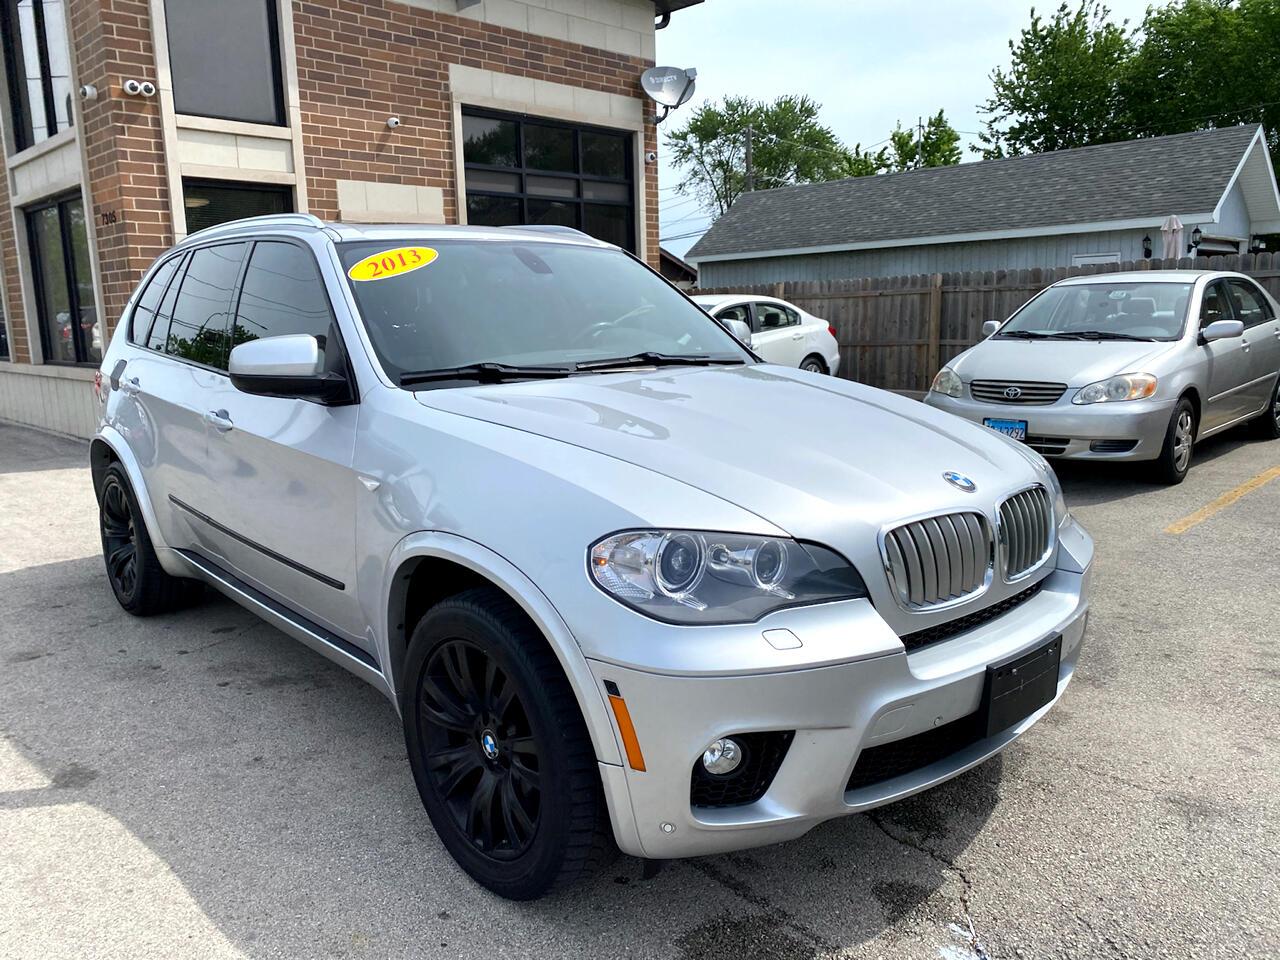 BMW X5 AWD 4dr xDrive50i 2013